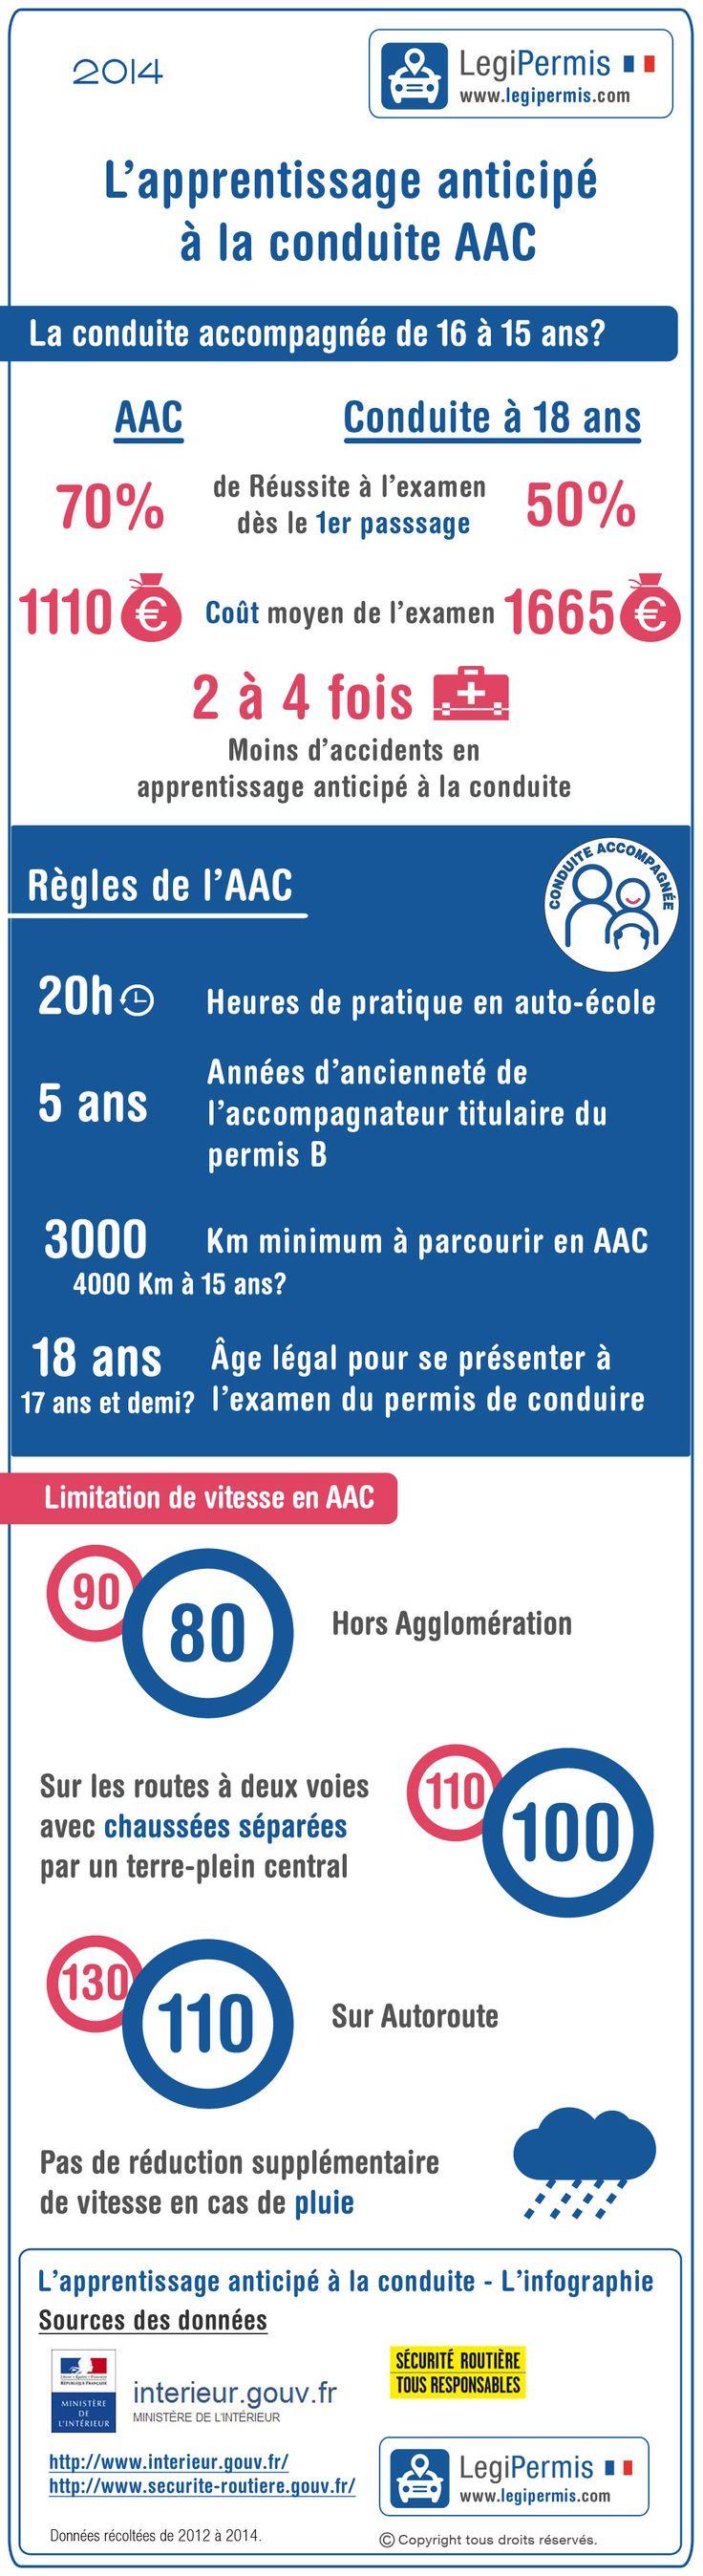 La réforme de la conduite accompagnée en infographie. www.legipermis.com